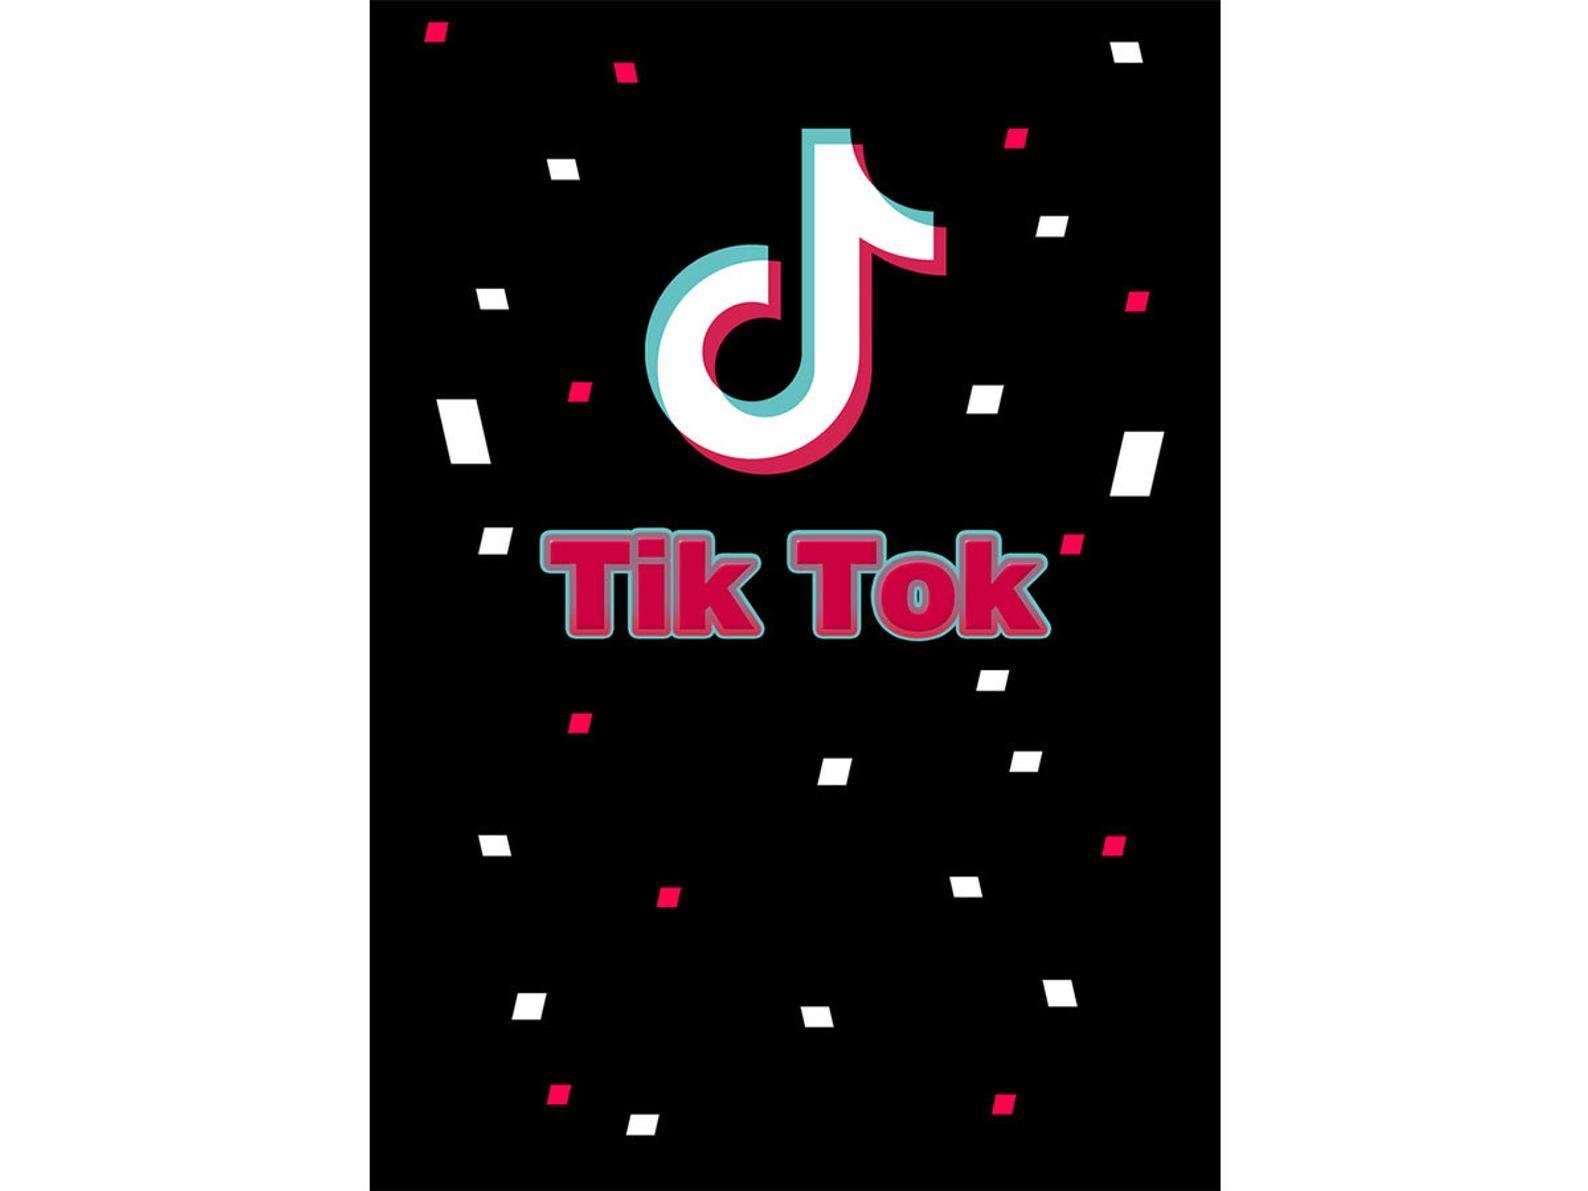 Tik Tok Birthday Party Supplies Decorationscustom Name Tiktok Etsy In 2021 Birthday Party Supplies Birthday Party Supplies Decoration 13th Birthday Party Ideas For Girls